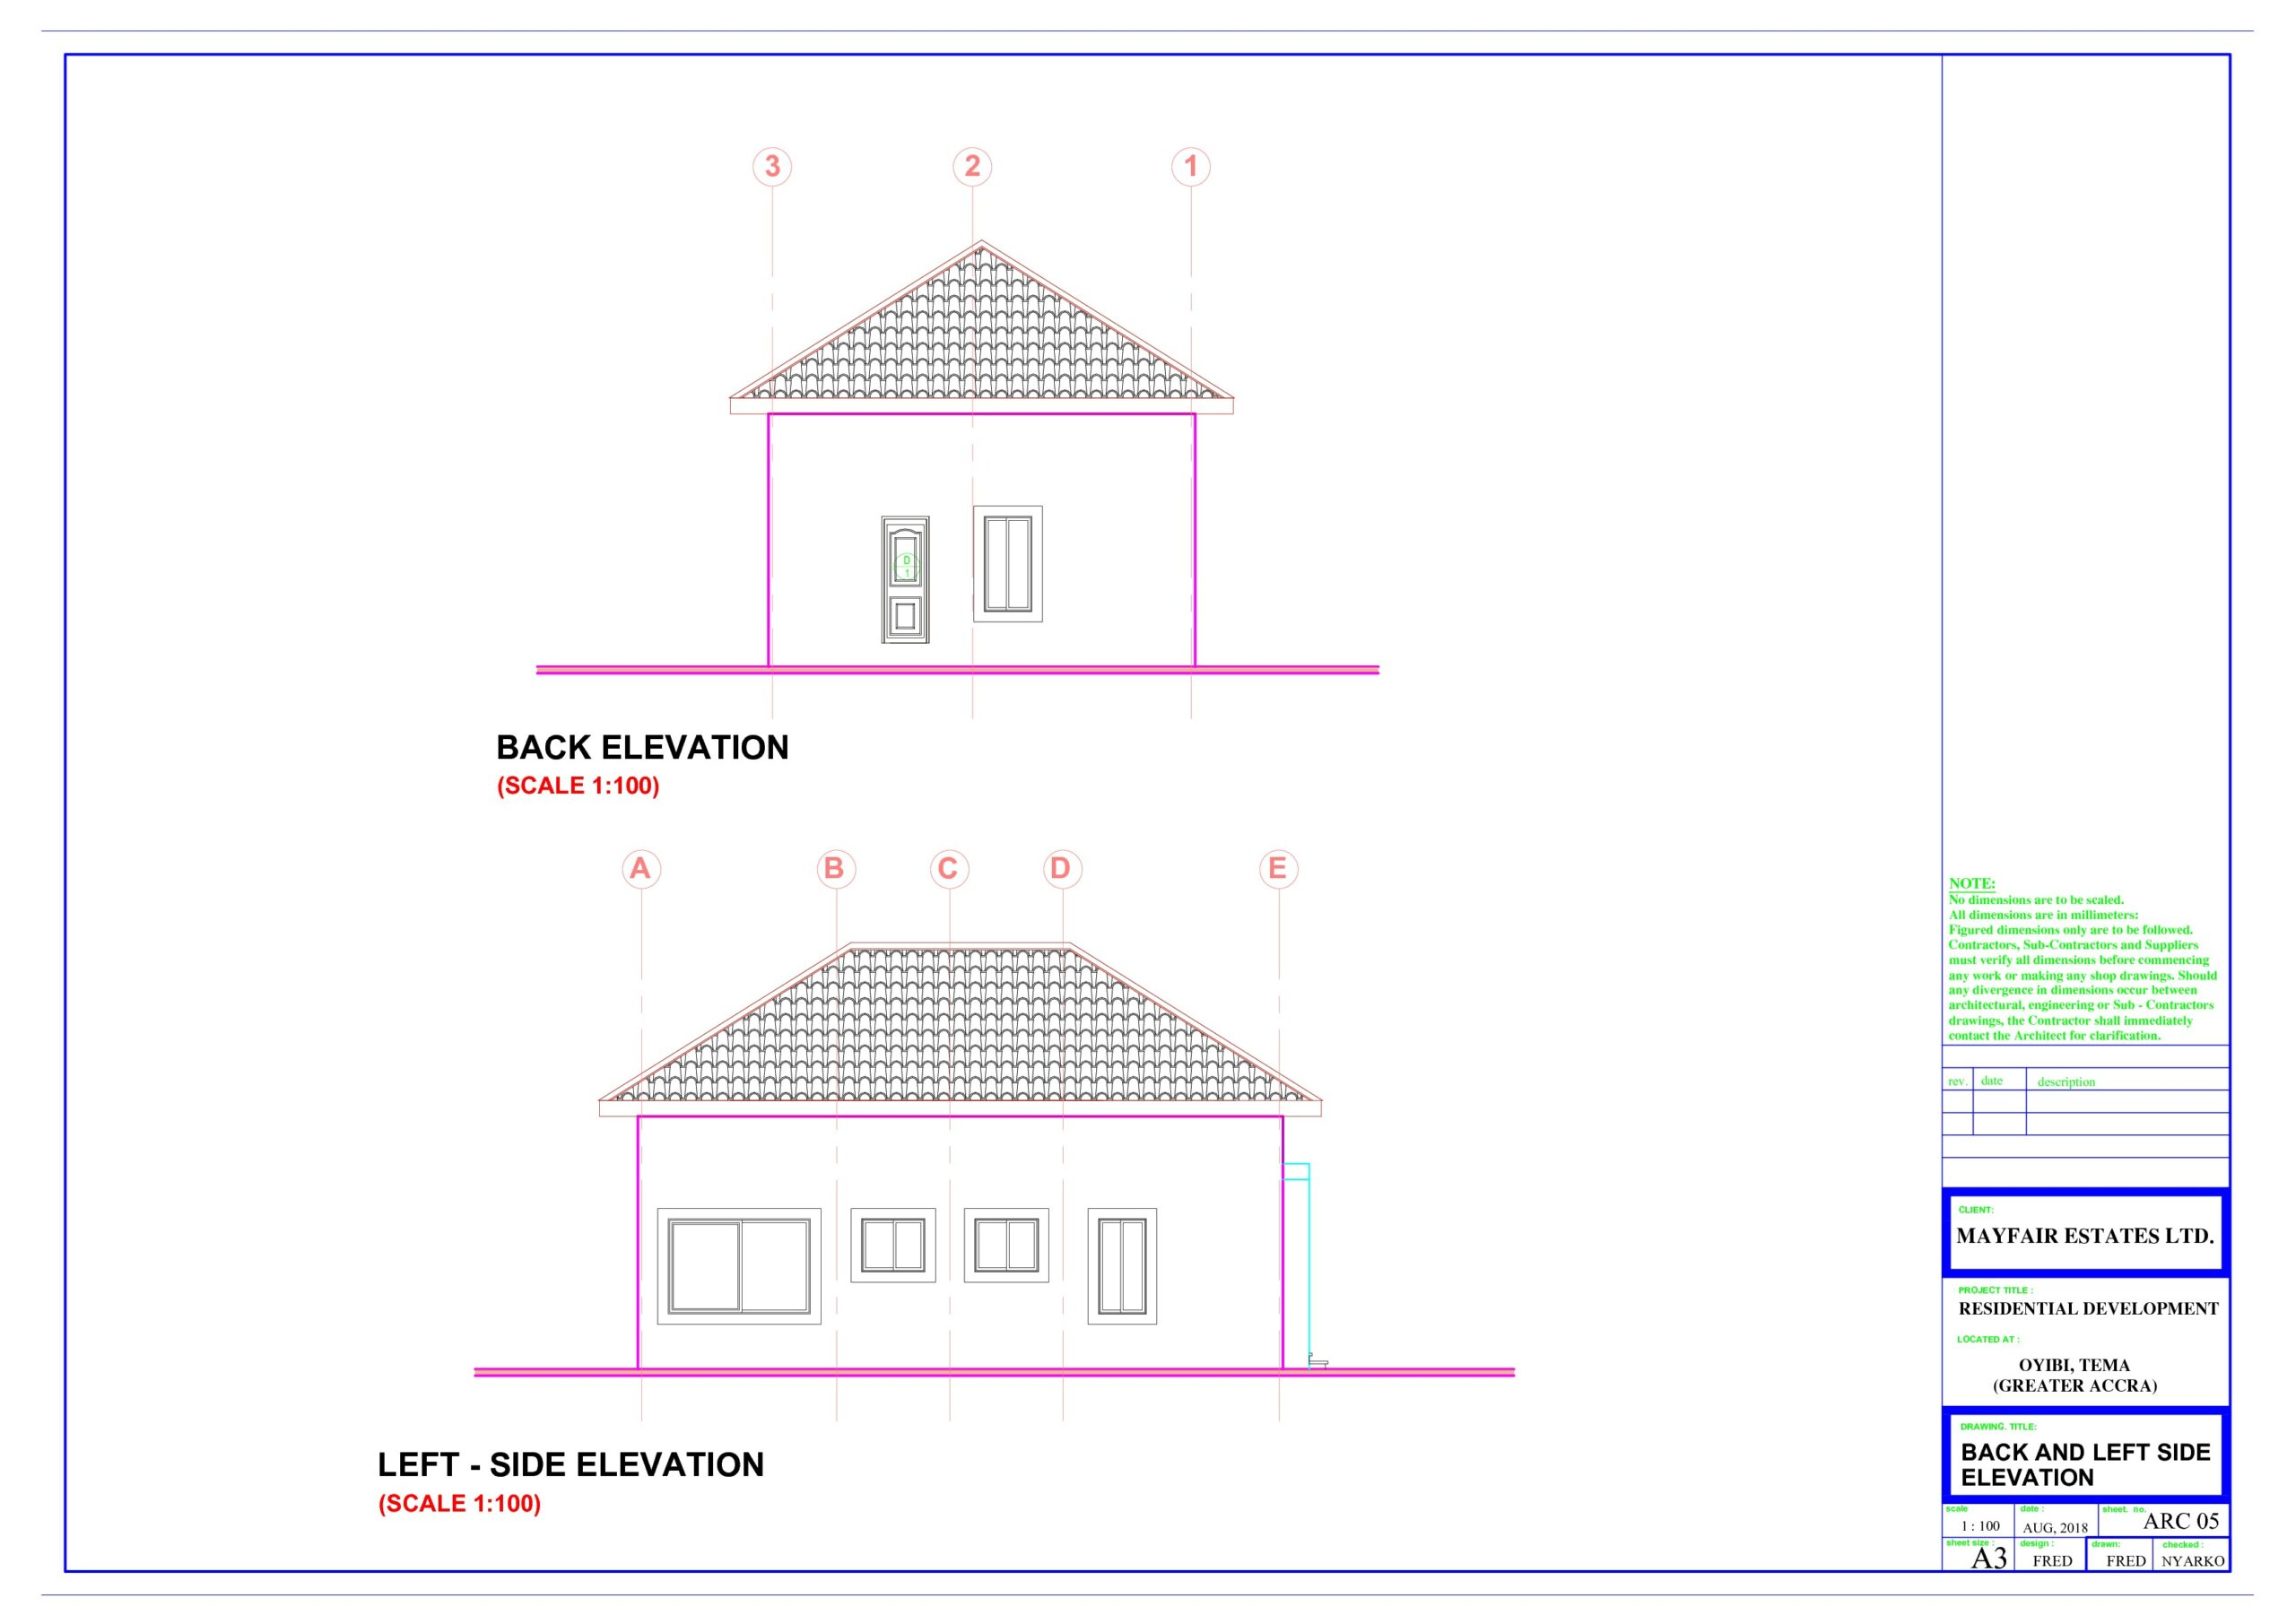 Back and Left Side Elevation